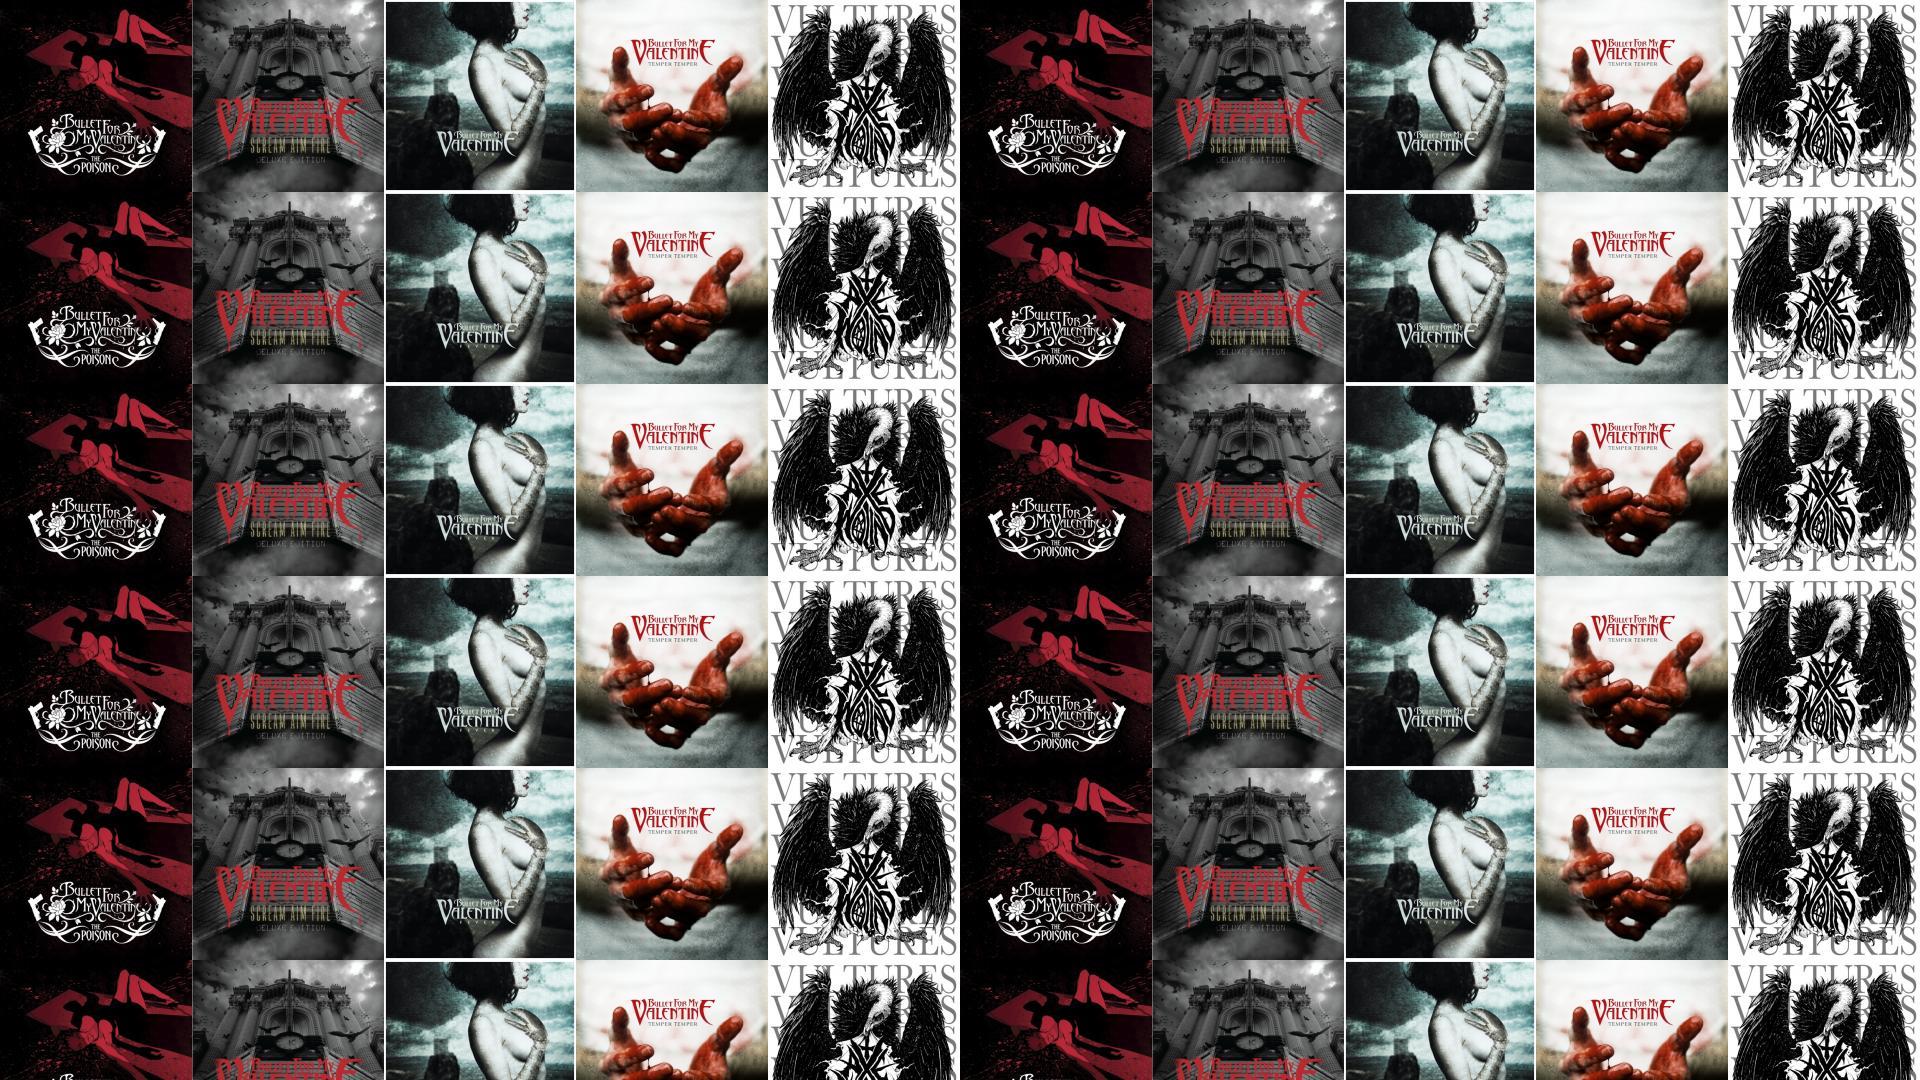 Bullet For My Valentine The Poison Scream Aim Wallpaper « Tiled Desktop  Wallpaper